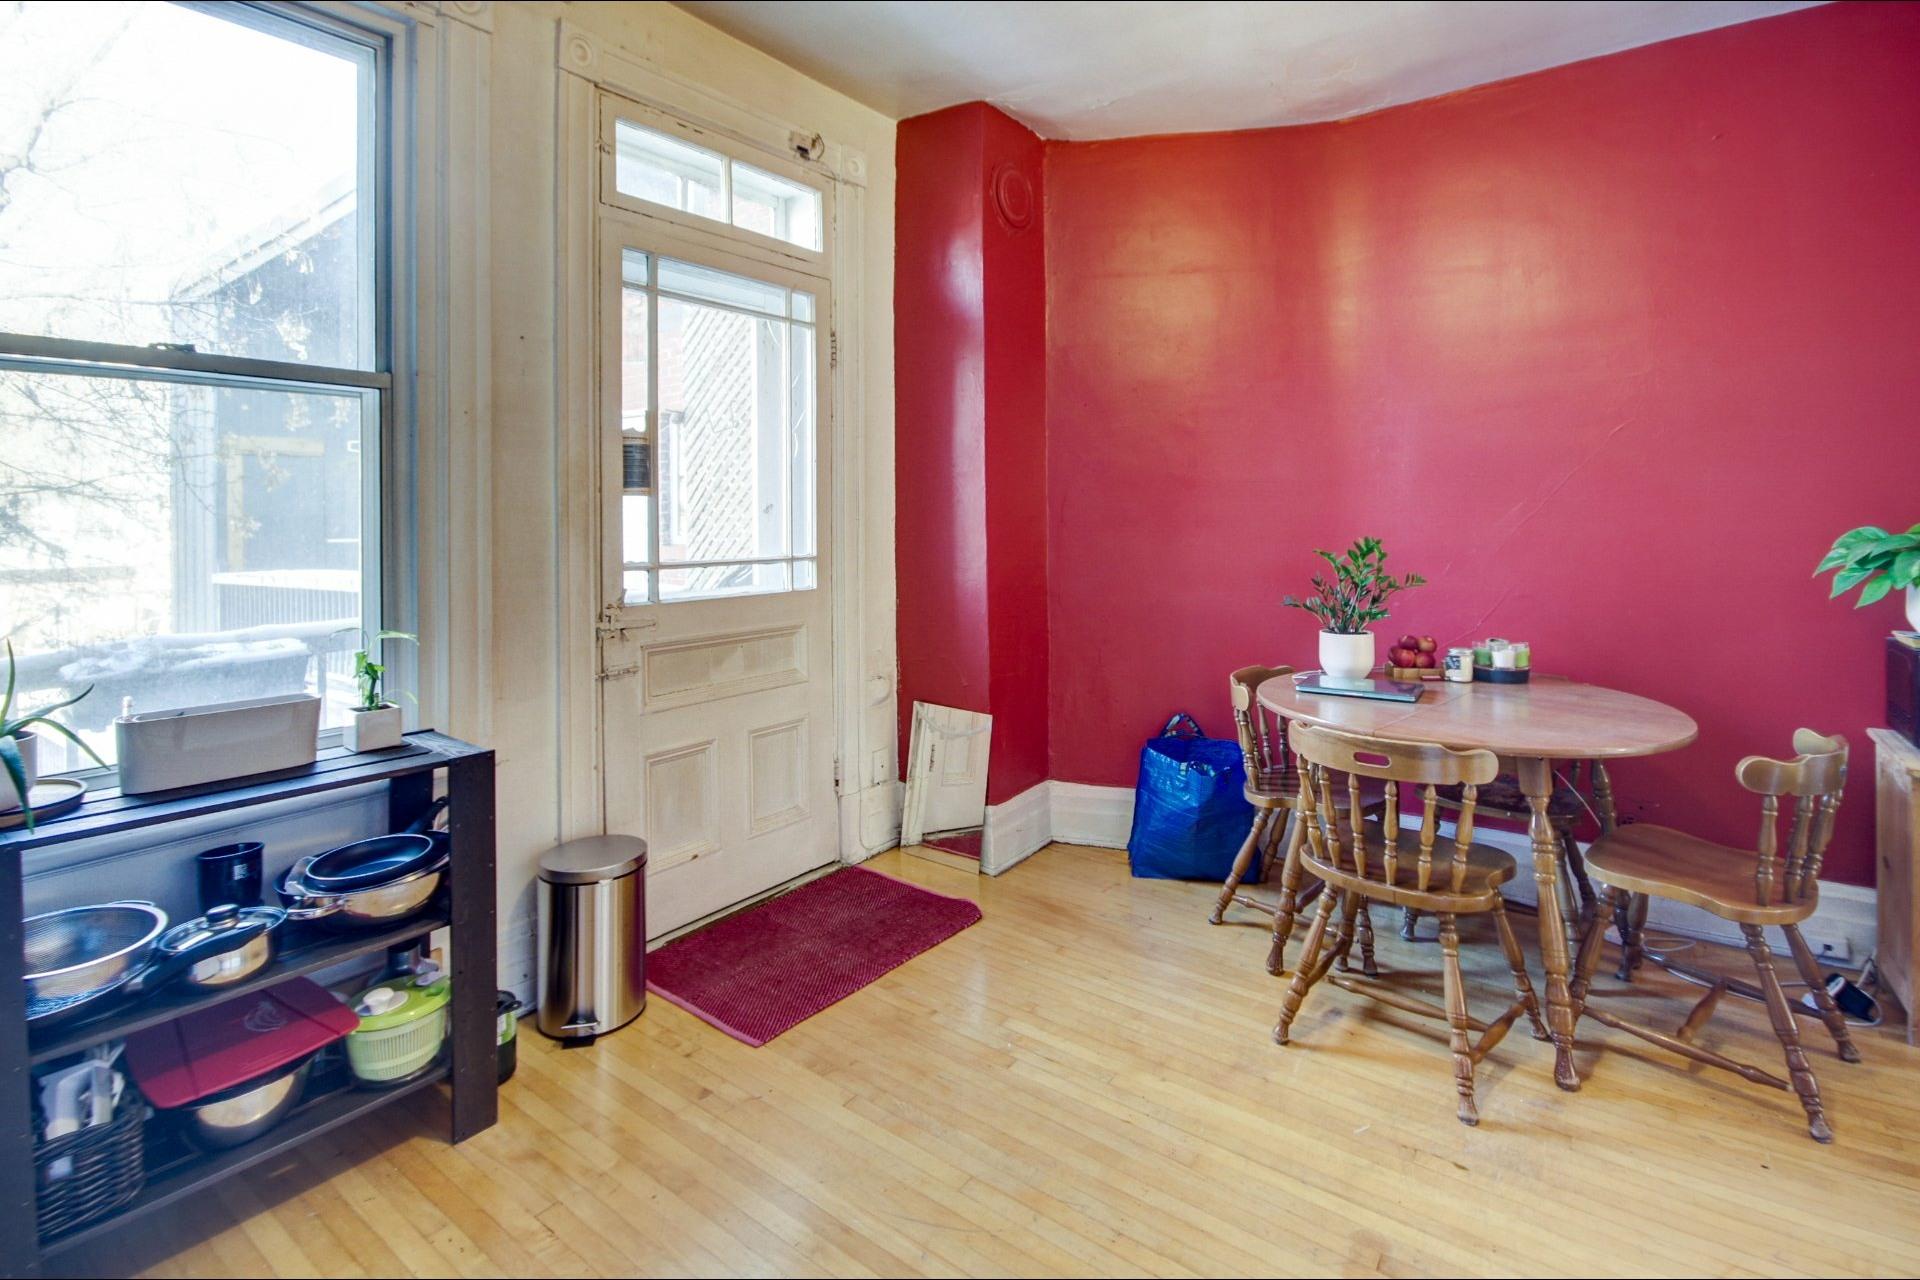 image 31 - Immeuble à revenus À vendre Montréal Le Plateau-Mont-Royal  - 5 pièces